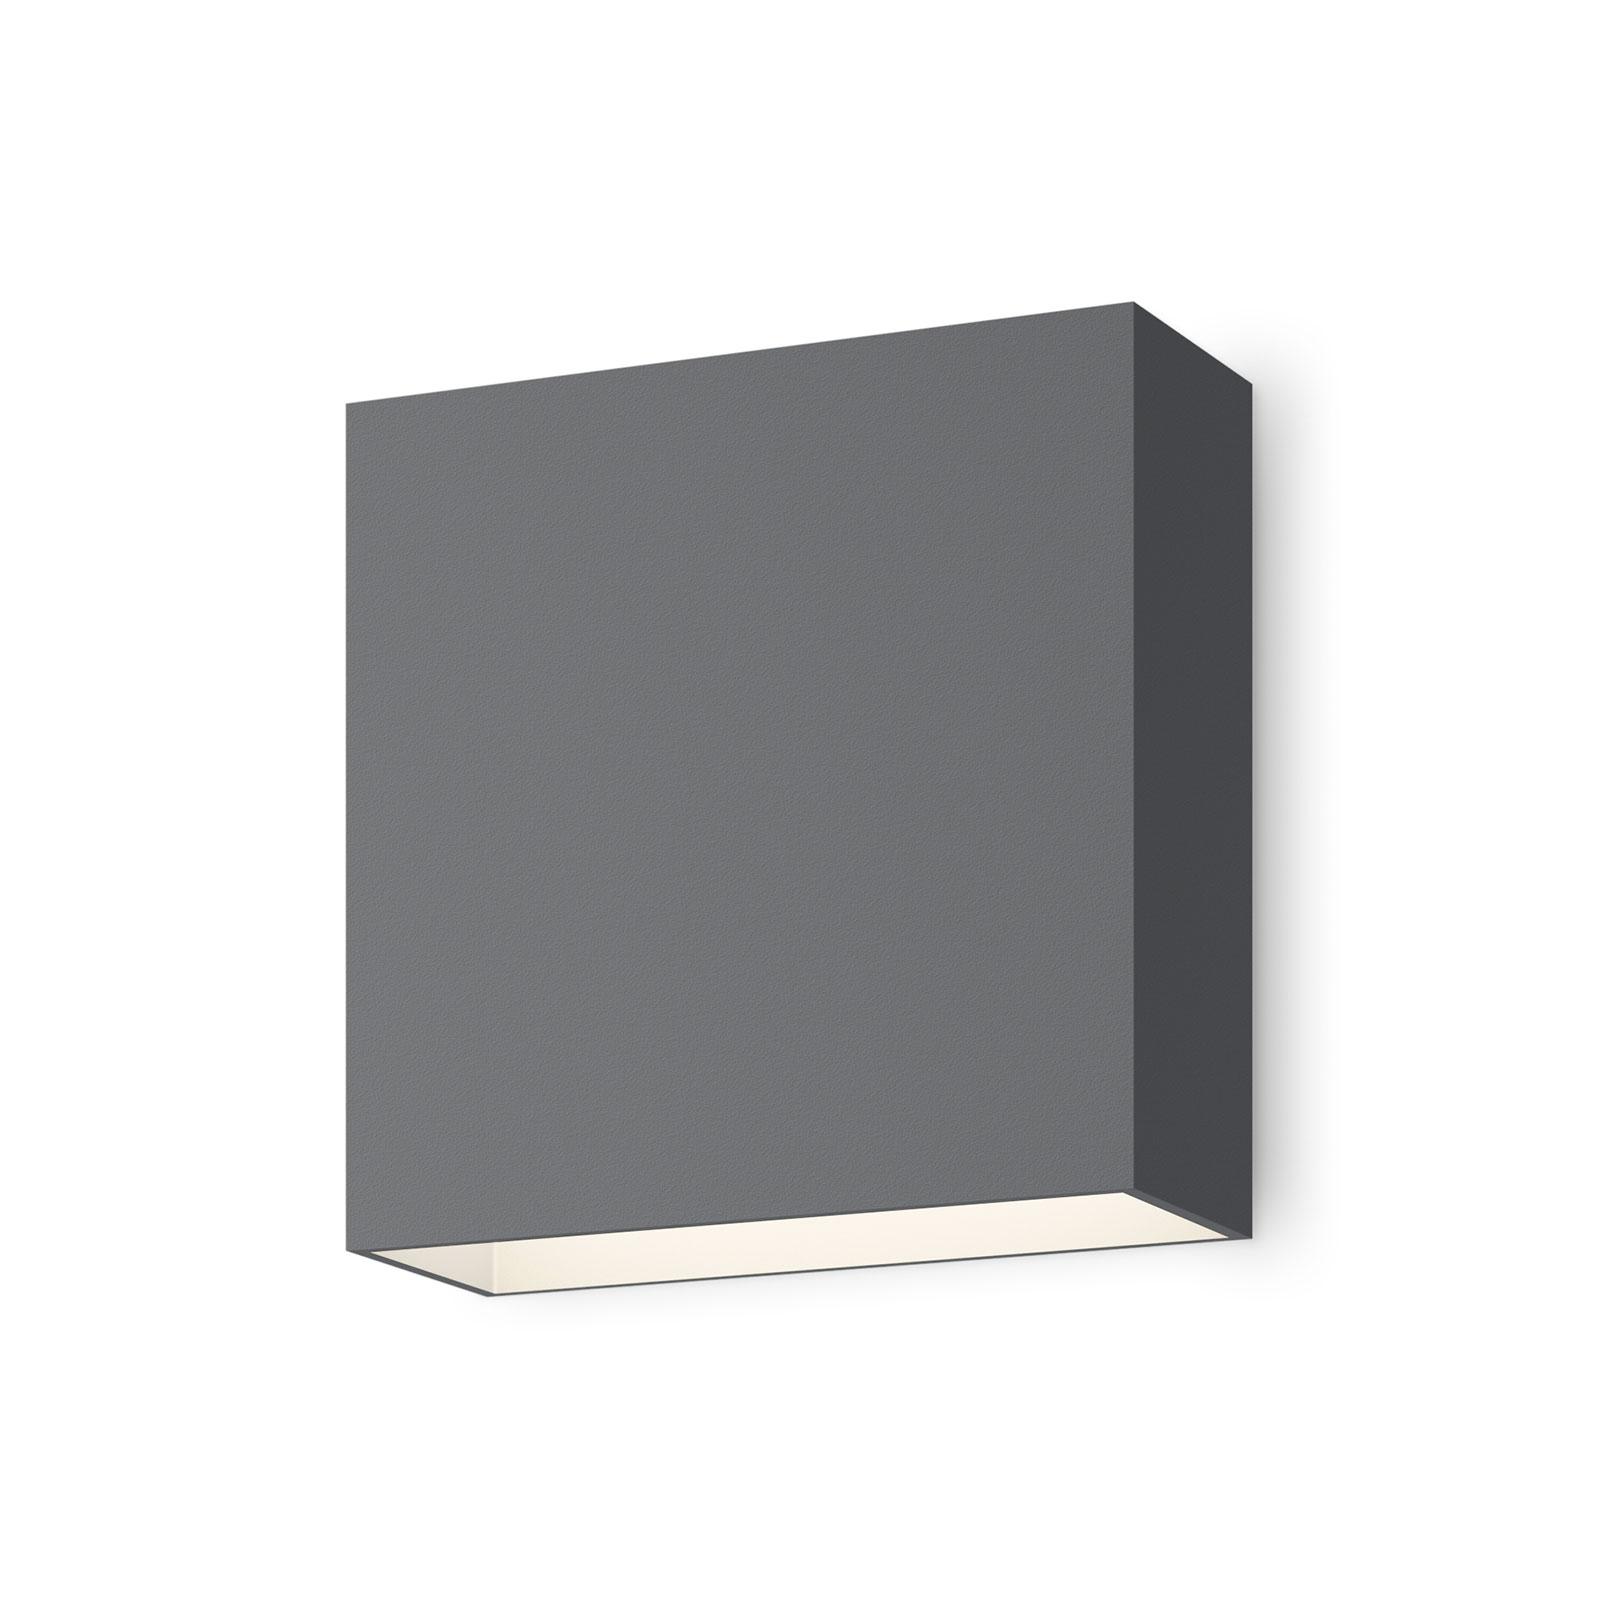 Vibia Structural 2600 LED-vegglampe, mørkegrå